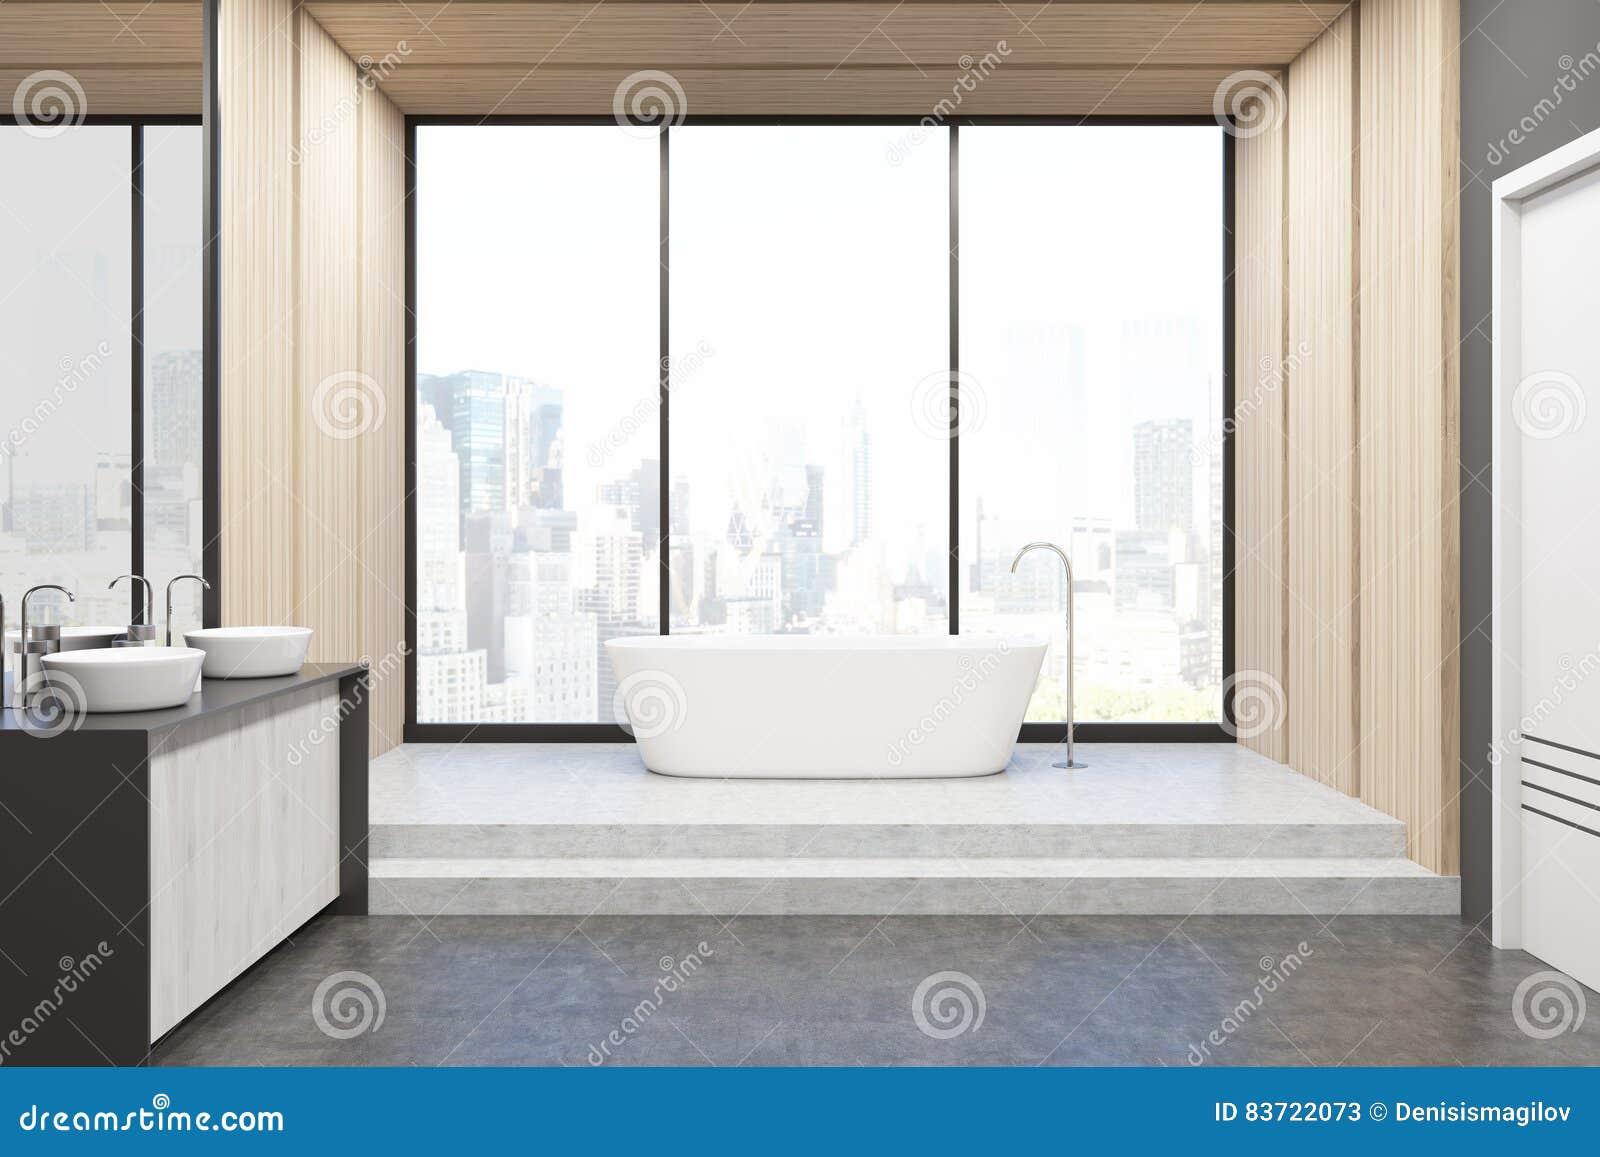 Decorazione Pareti Bagno : Bagno con le pareti leggere illustrazione di stock illustrazione